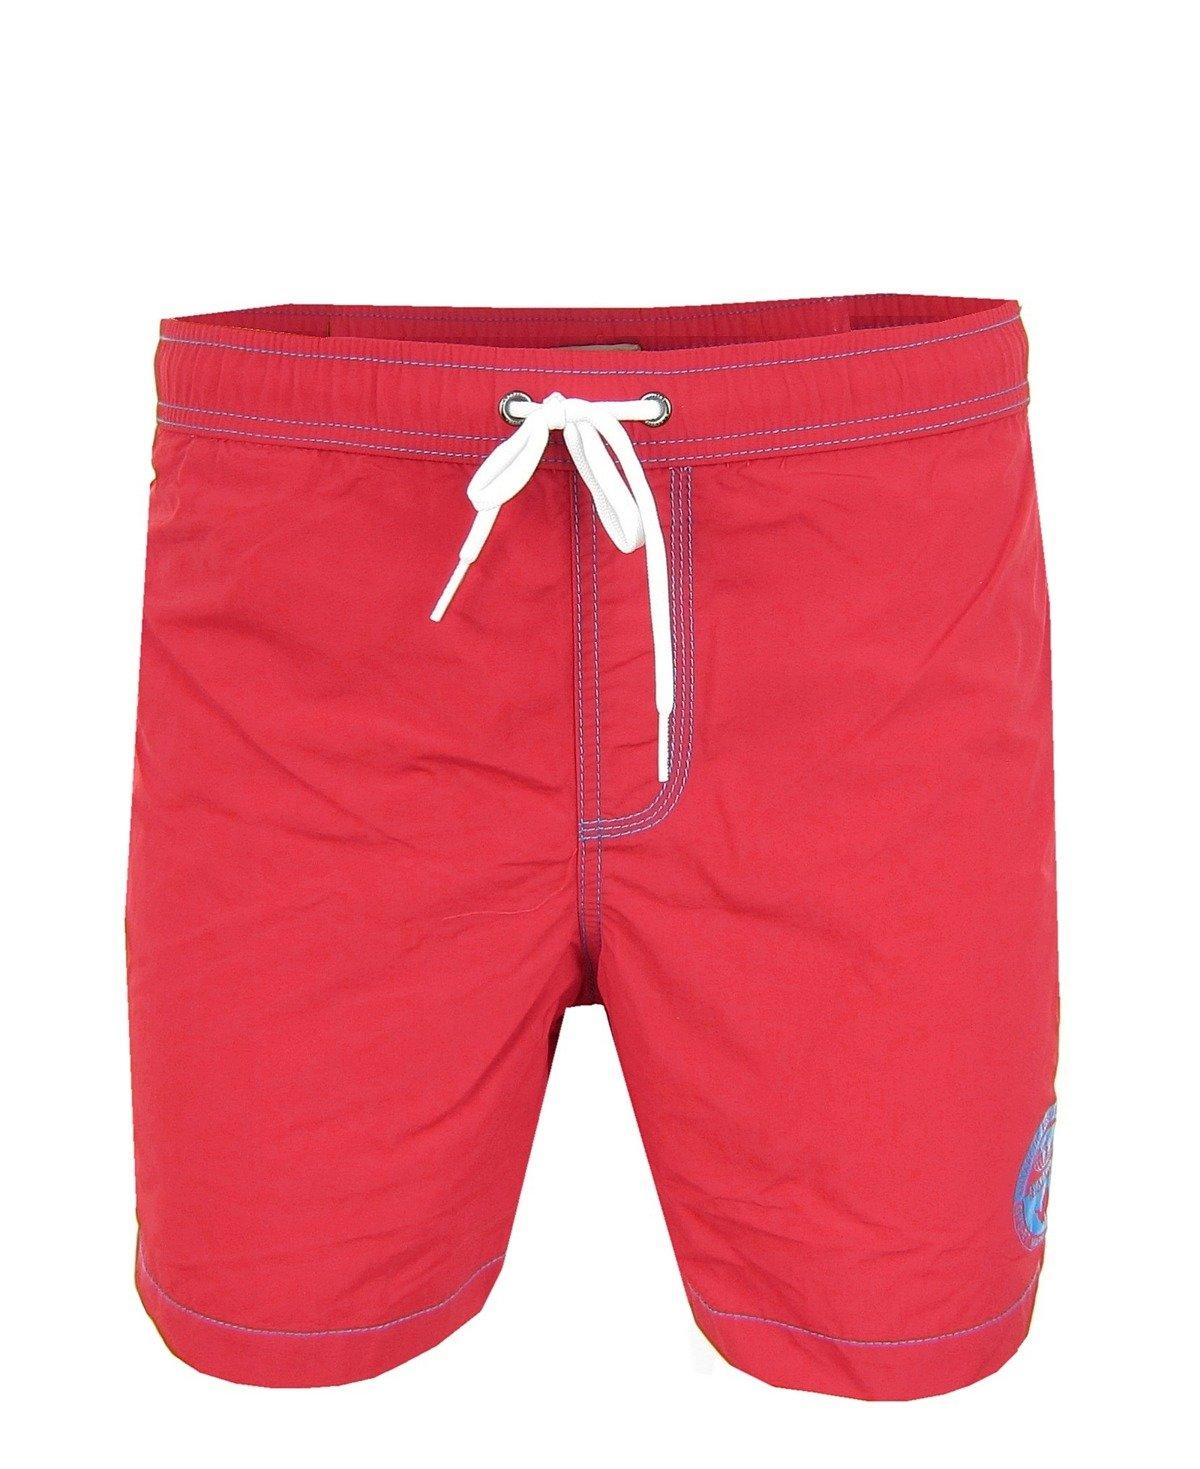 bieten eine große Auswahl an gute Qualität begrenzter Preis NAPAPIJRI Smu Valdo Herren Men Badeshorts Badehose Beachwear Rot Red